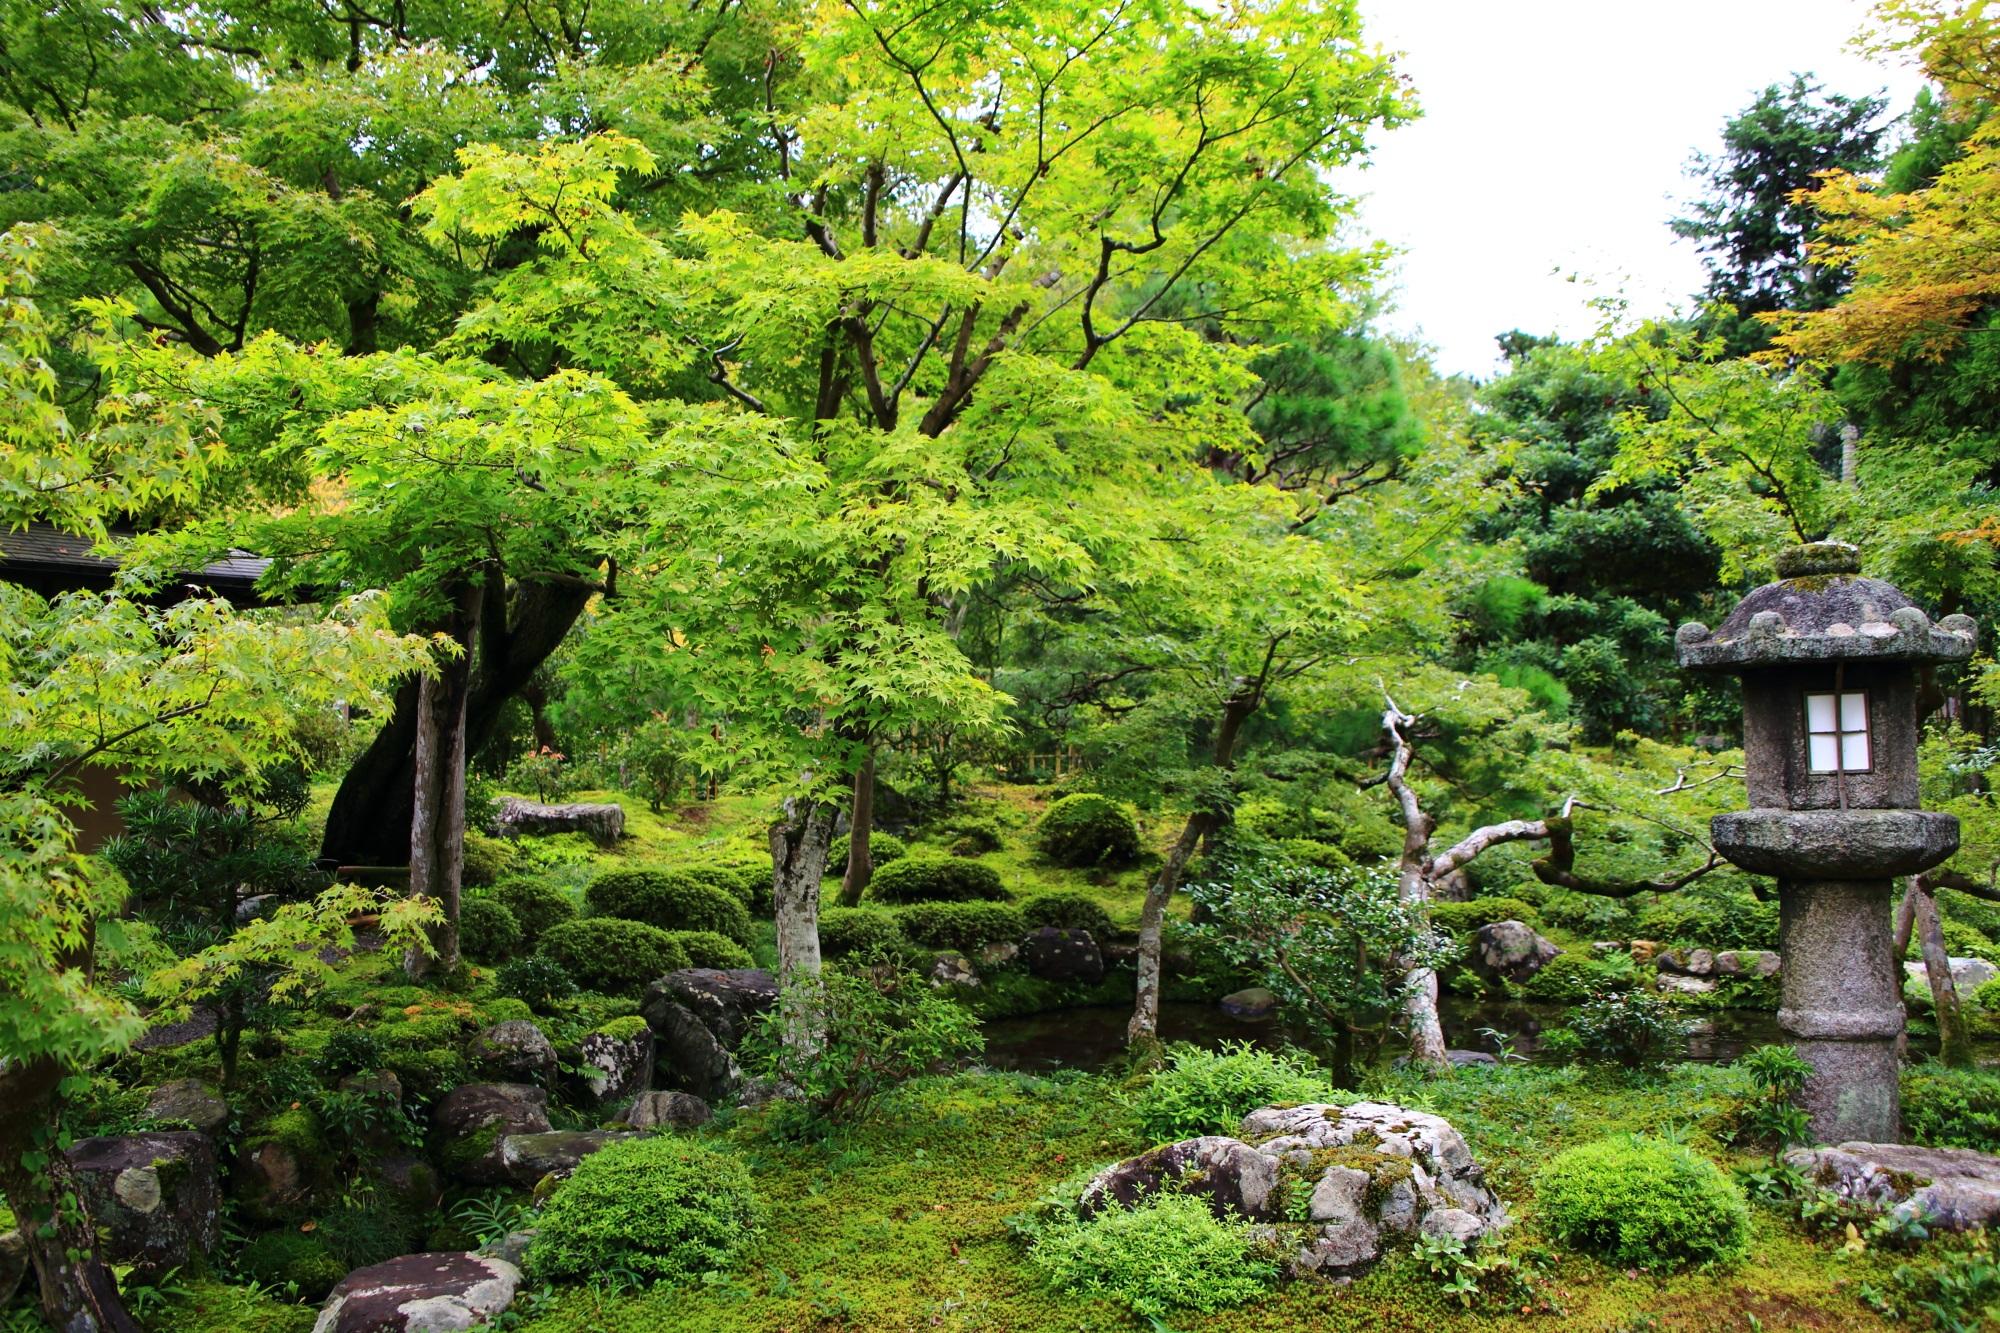 南禅寺大寧軒の池泉回遊式庭園の青もみじ